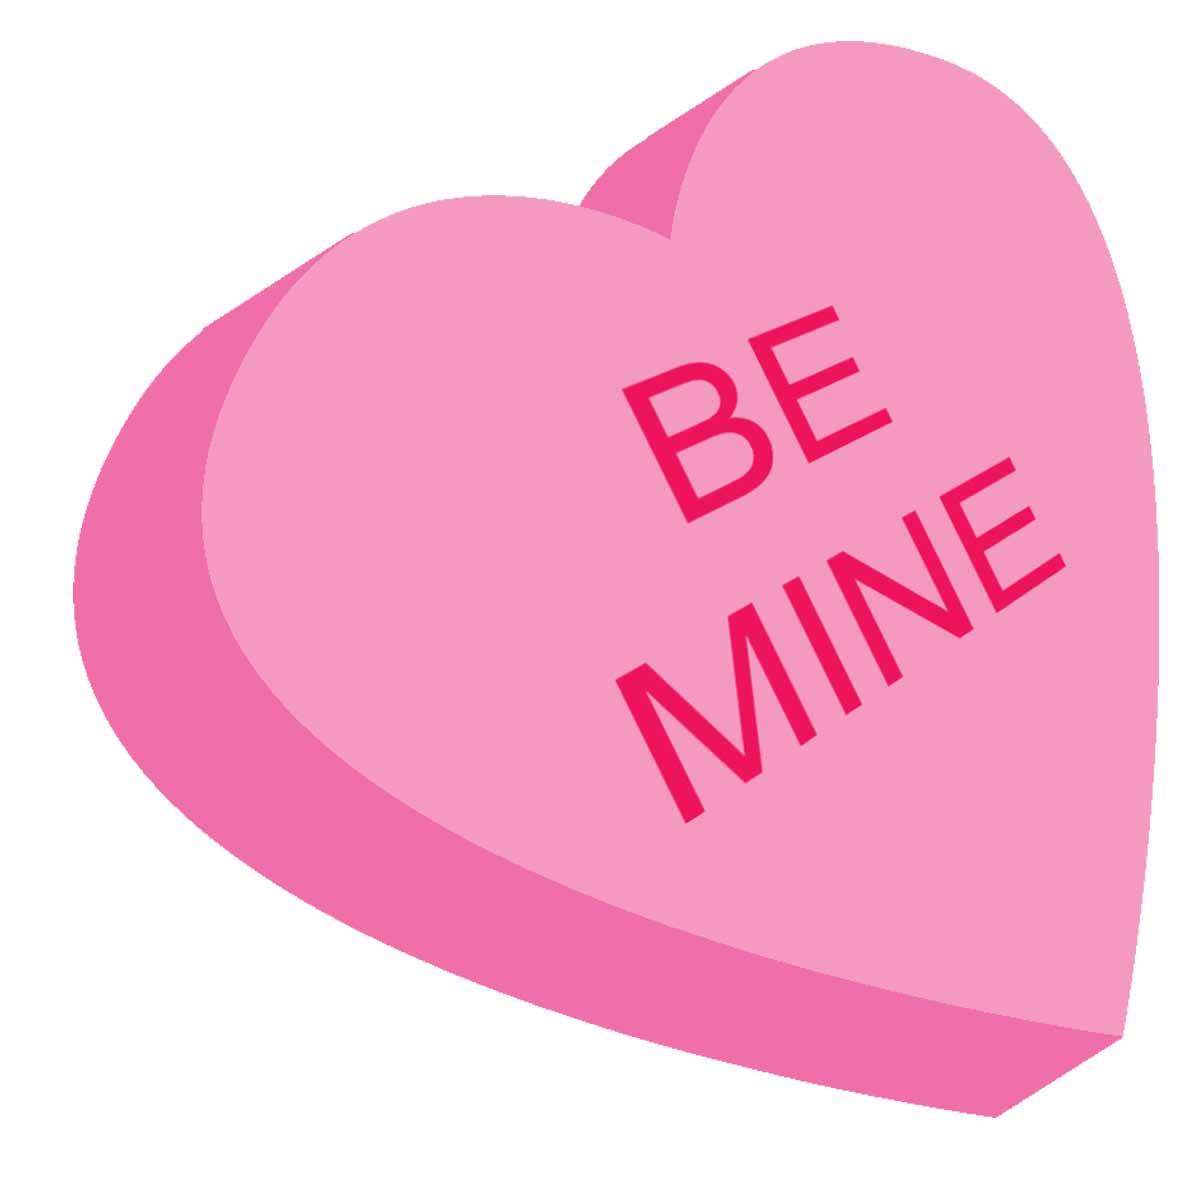 Valentines valentine clip art. 2017 clipart valentine's day